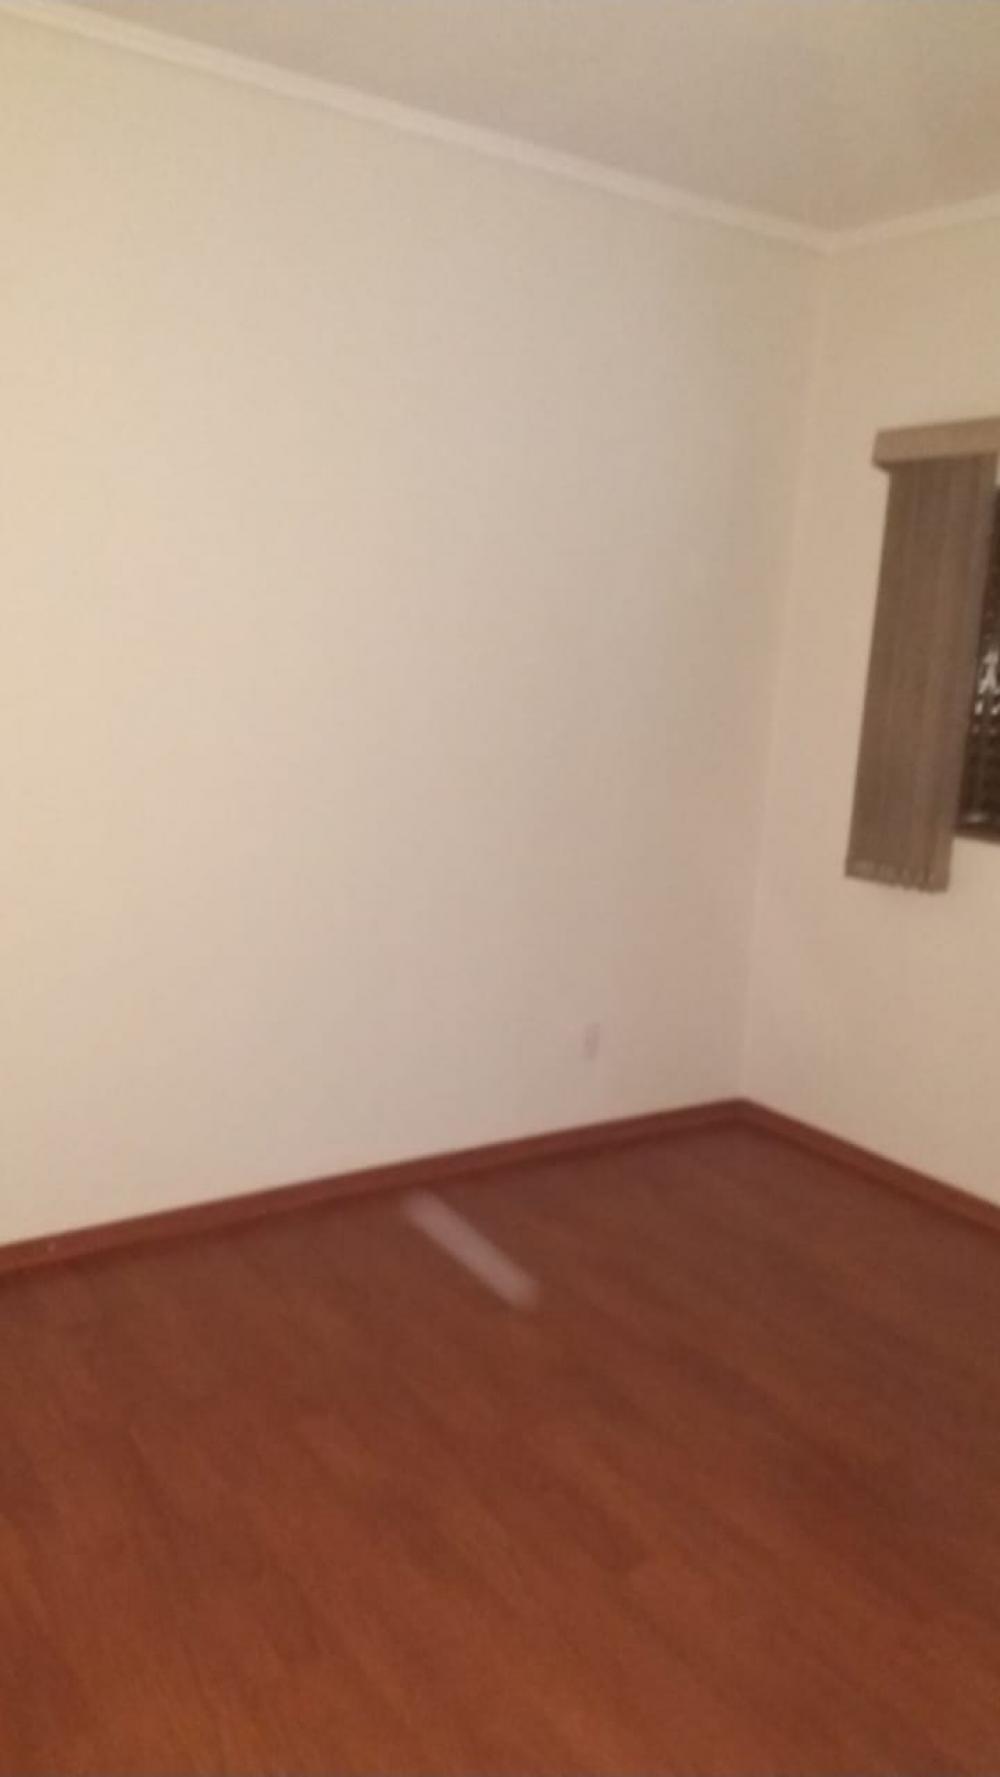 Comprar Apartamento / Padrão em Ribeirão Preto R$ 160.000,00 - Foto 7